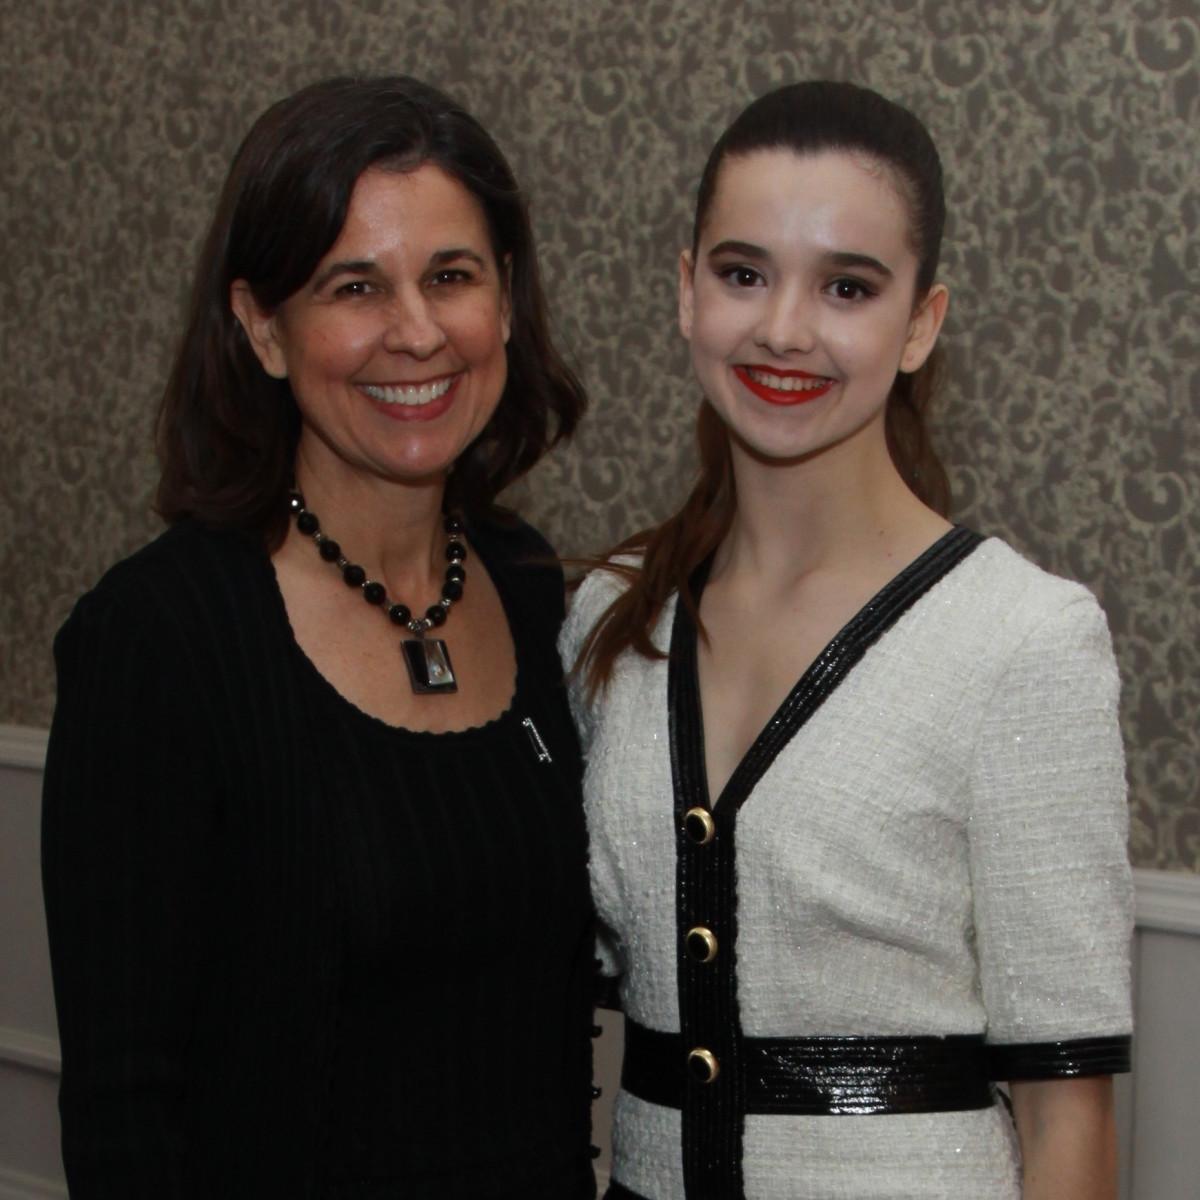 Megan and Lydia Pigott